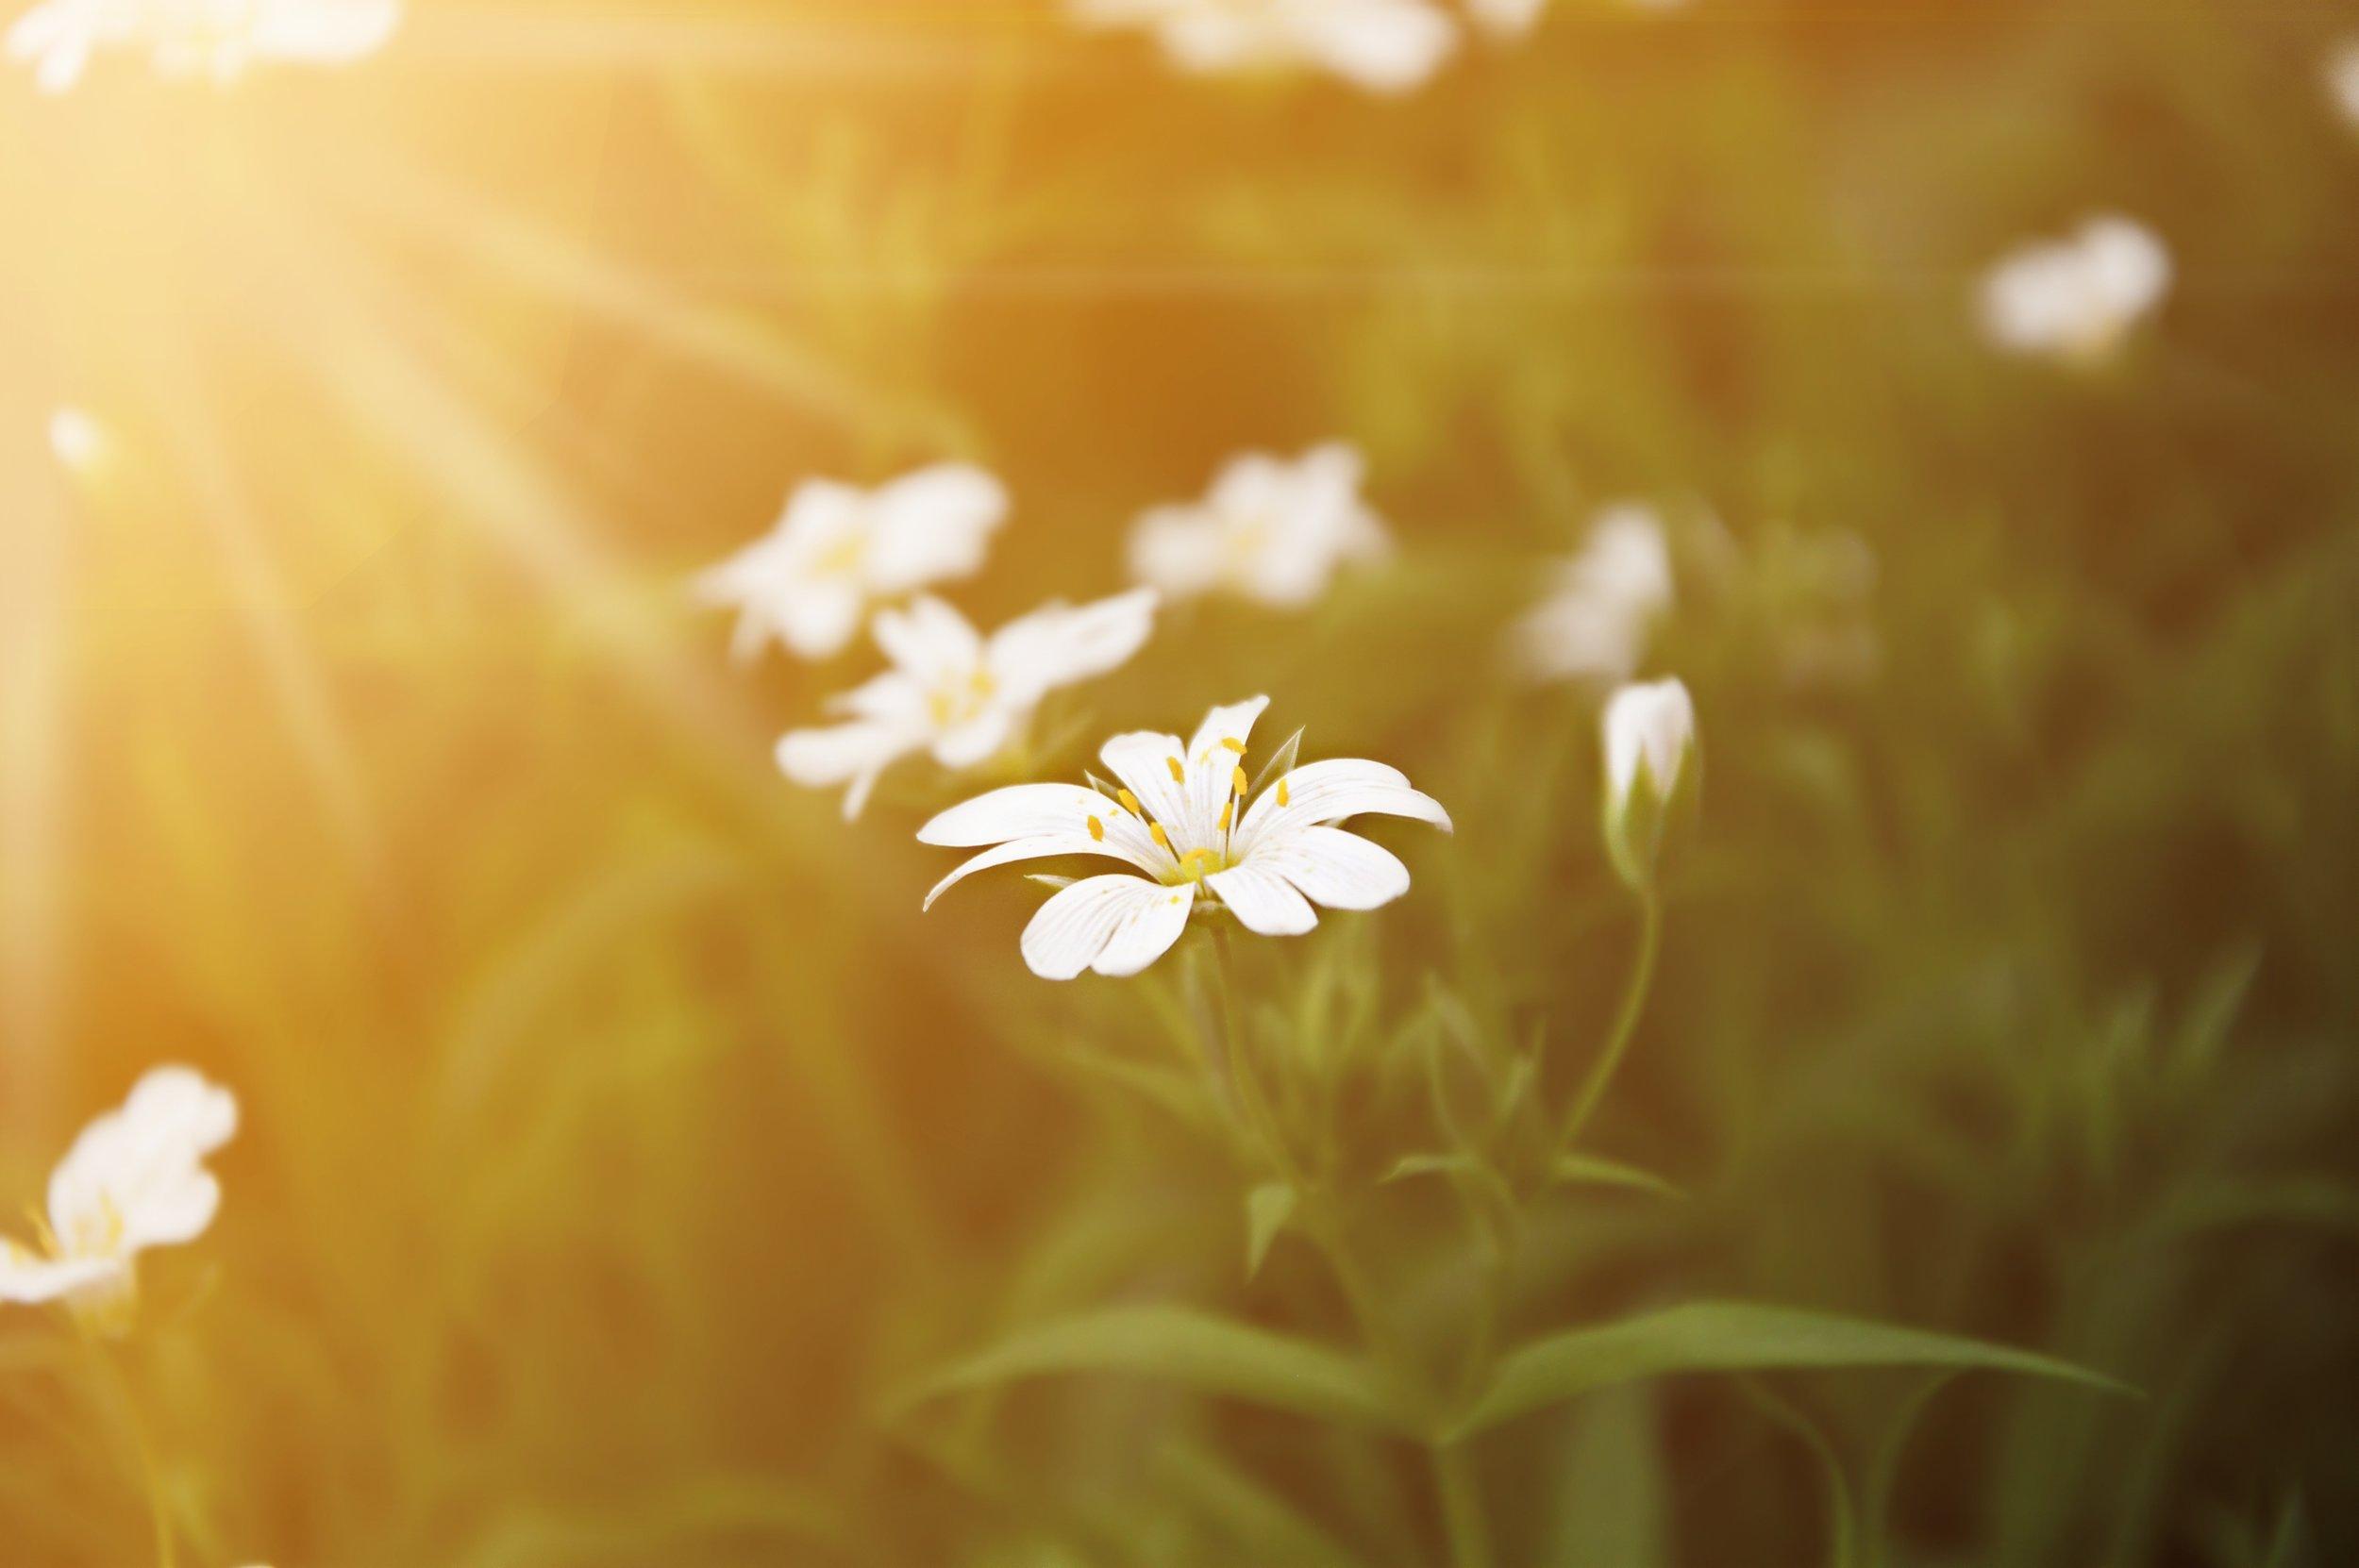 nature-grass-blossom-light-plant-sunshine-1390536-pxhere.com.jpg